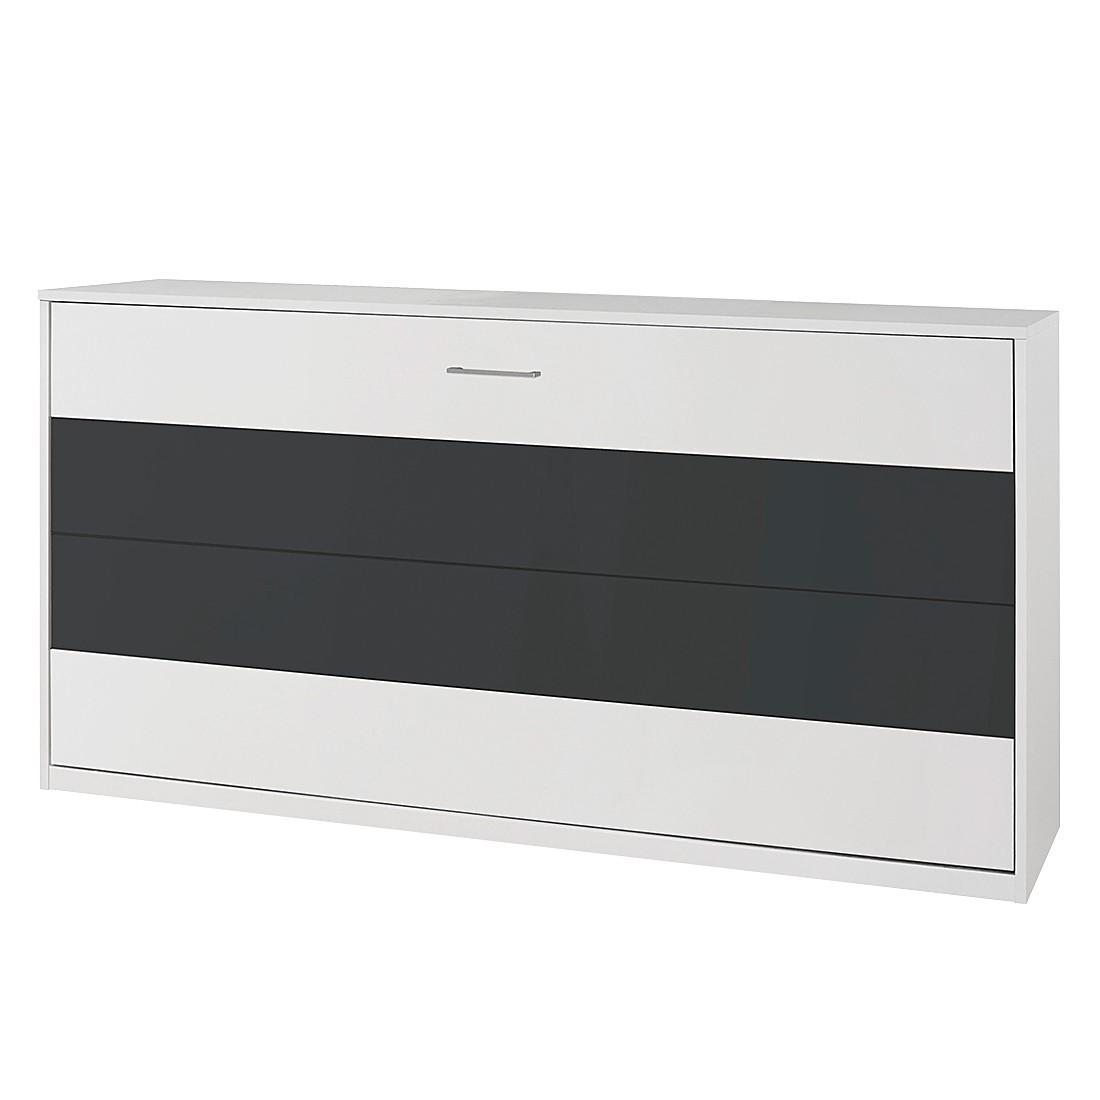 Opklapbed In Kast Kopen.Opklapbed Kast Latest Opklapbed In Kast Ikea With Opklapbed In